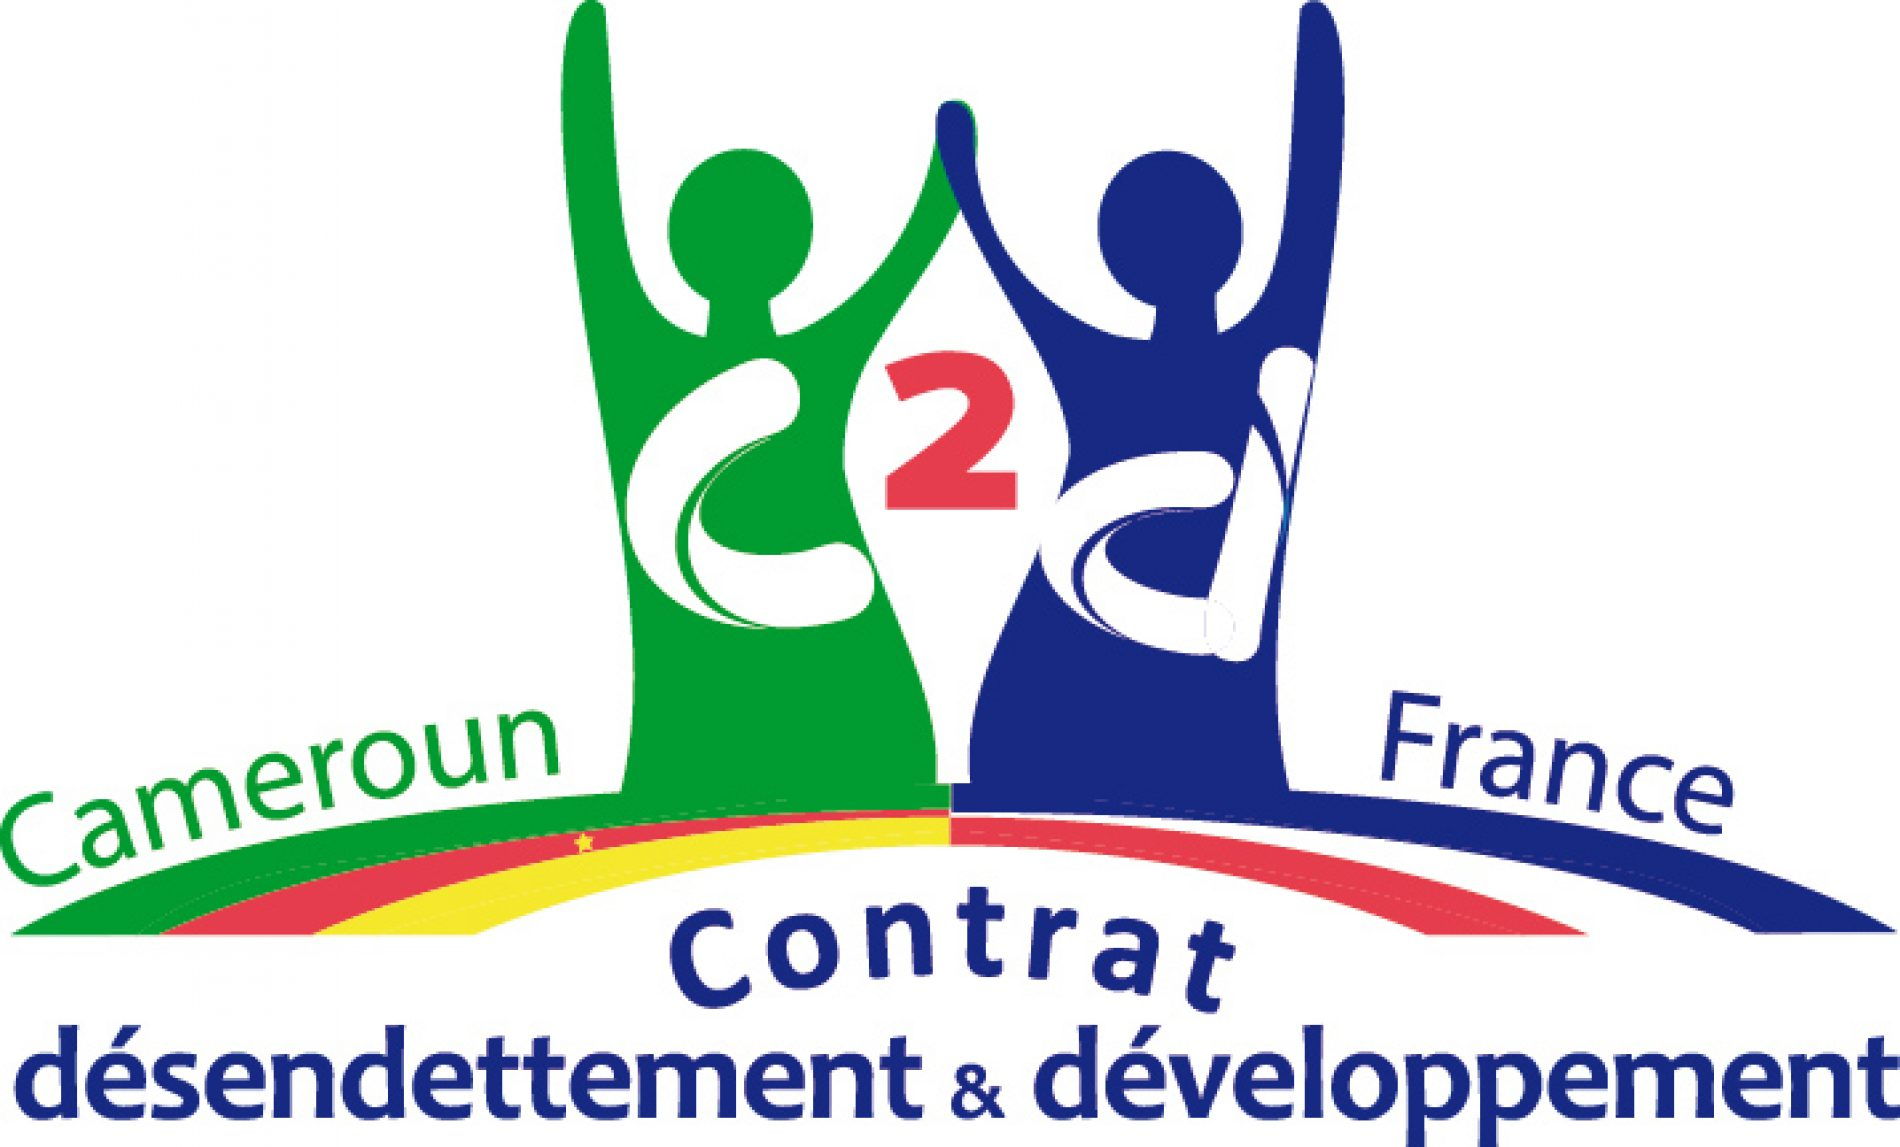 Partenariat : Les opportunités qu'offre l'AFD